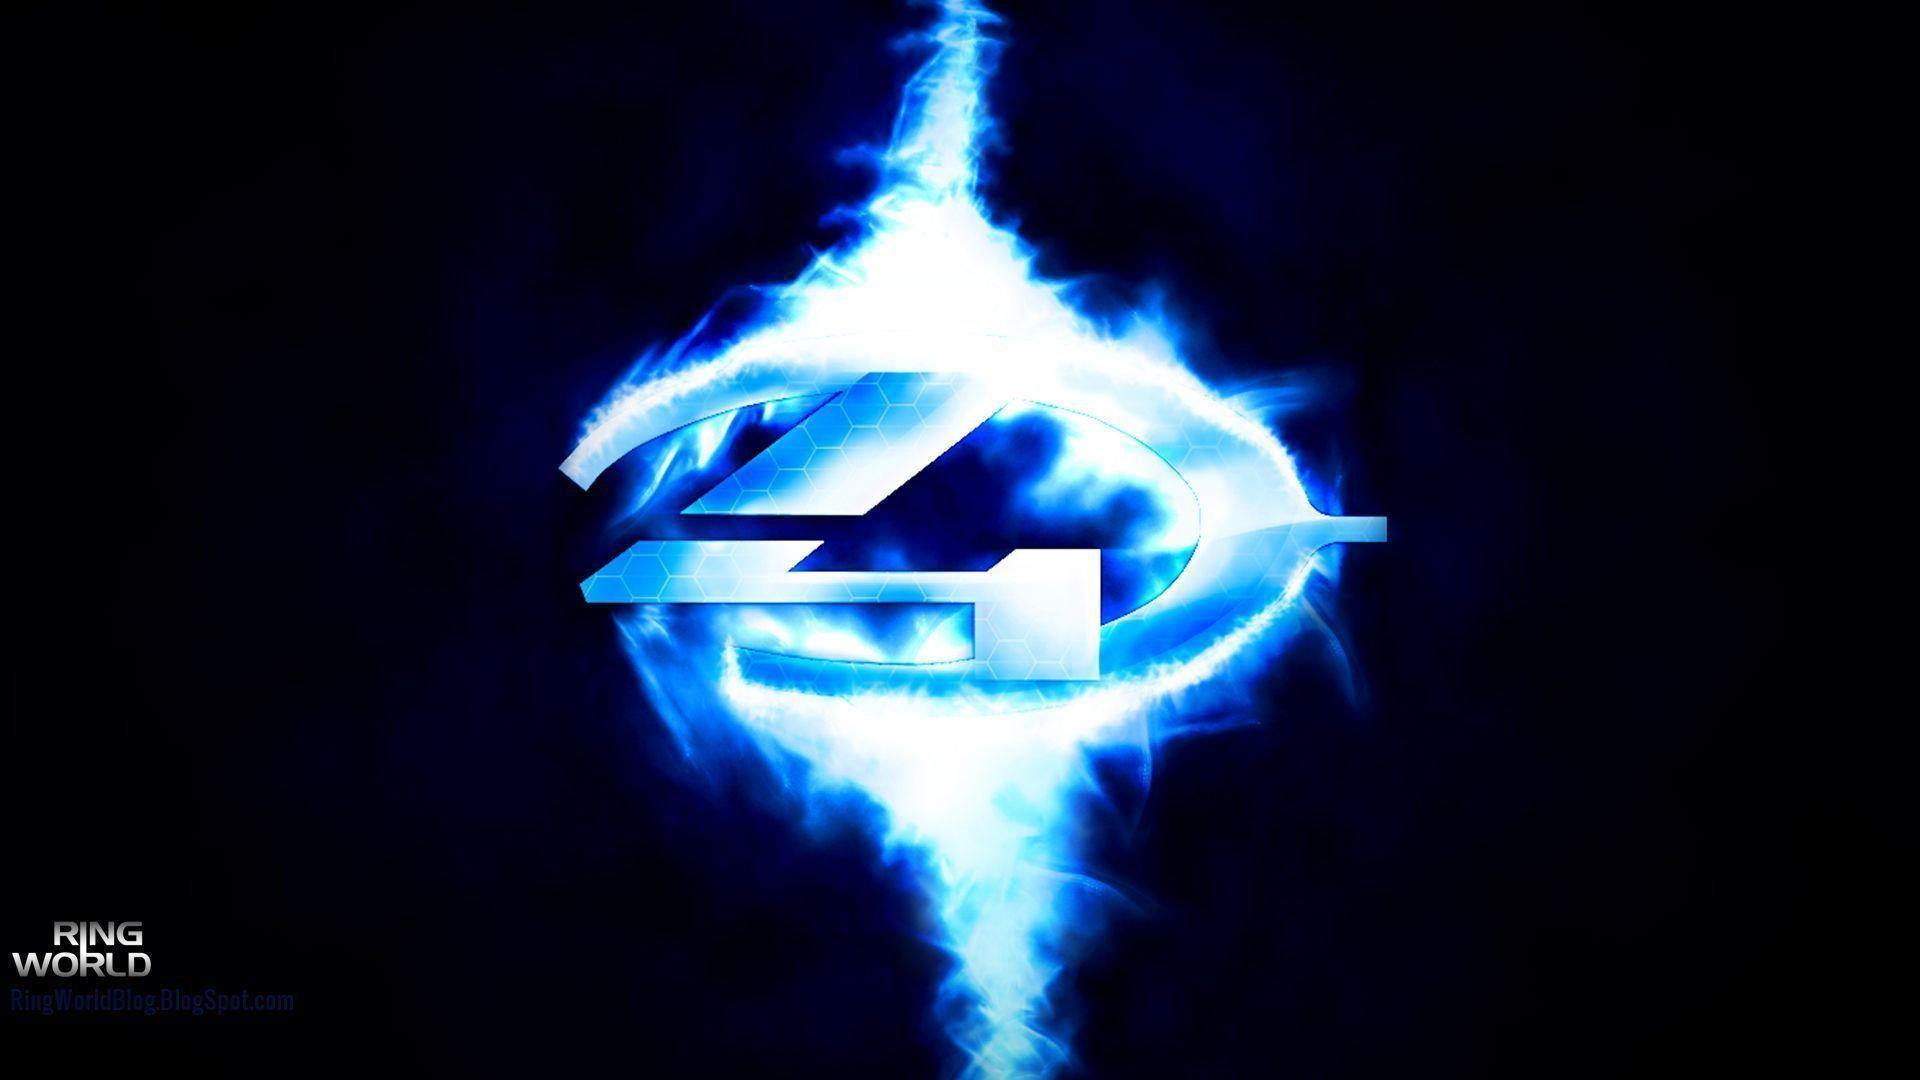 Logos For > Halo 4 Logo Wallpaper